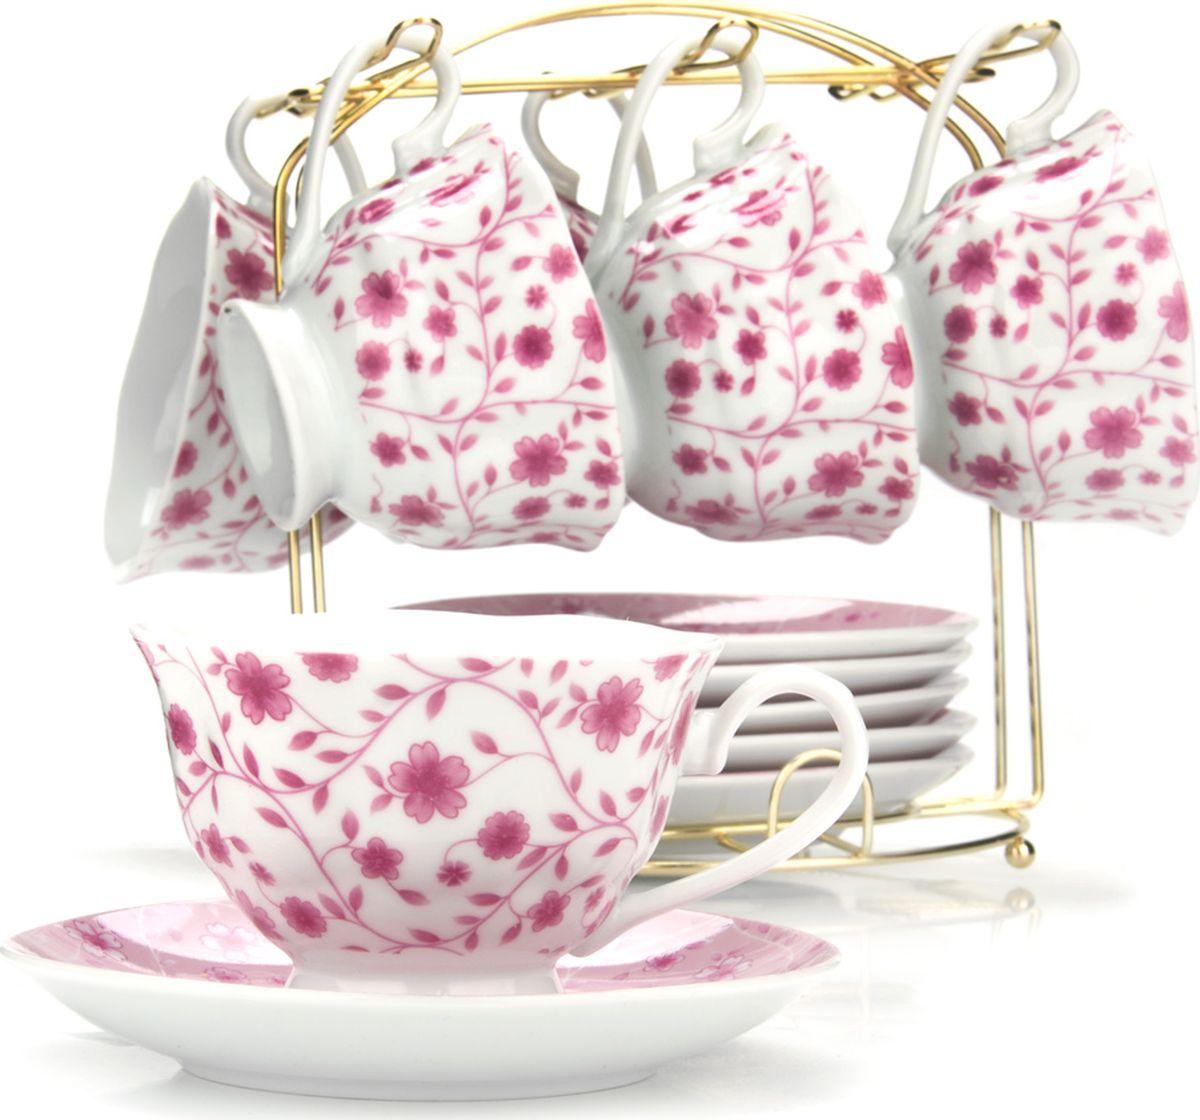 Сервиз чайный Loraine, на подставке, 13 предметов. 43297115510Чайный набор состоит из шести чашек, шести блюдец и металлической подставки золотого цвета. Предметы набора изготовлены из качественного фарфора и оформлены красочным цветным рисунком. Чайный набор идеально подойдет для сервировки стола и станет отличным подарком к любому празднику. Все изделия можно компактно хранить на подставке, входящей в набор. Подходит для мытья в посудомоечной машине.Диаметр чашки: 9,5 см.Высота чашки: 6,5 см.Объем чашки: 180 мл.Диаметр блюдца: 14 см.